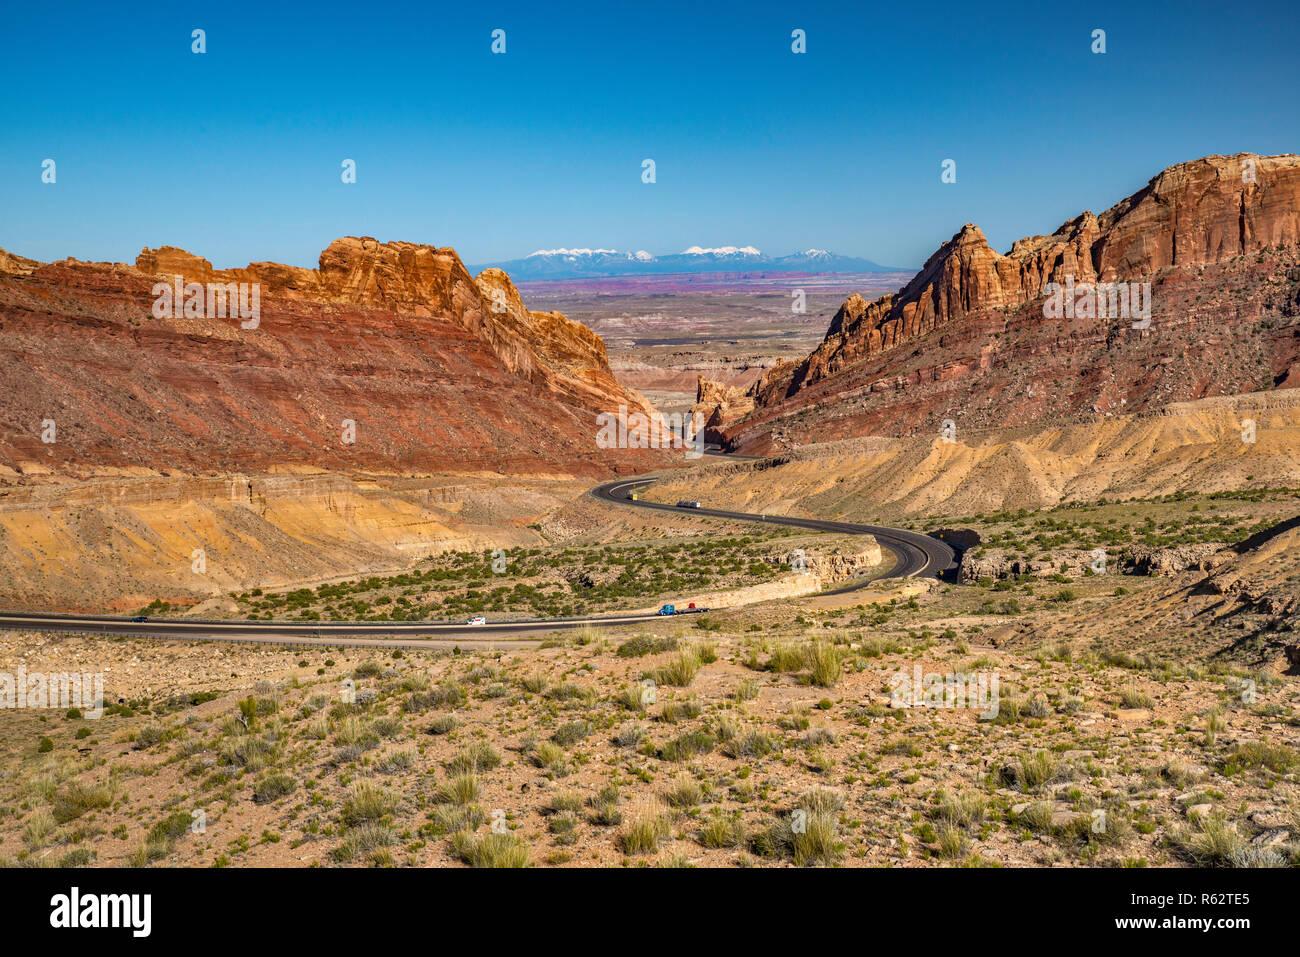 I-70 Interstate Freeway in Spotted Wolf Canyon, attraversando San Rafael Reef scogliere, San Rafael Swell area Altopiano del Colorado, Utah, Stati Uniti d'America Immagini Stock